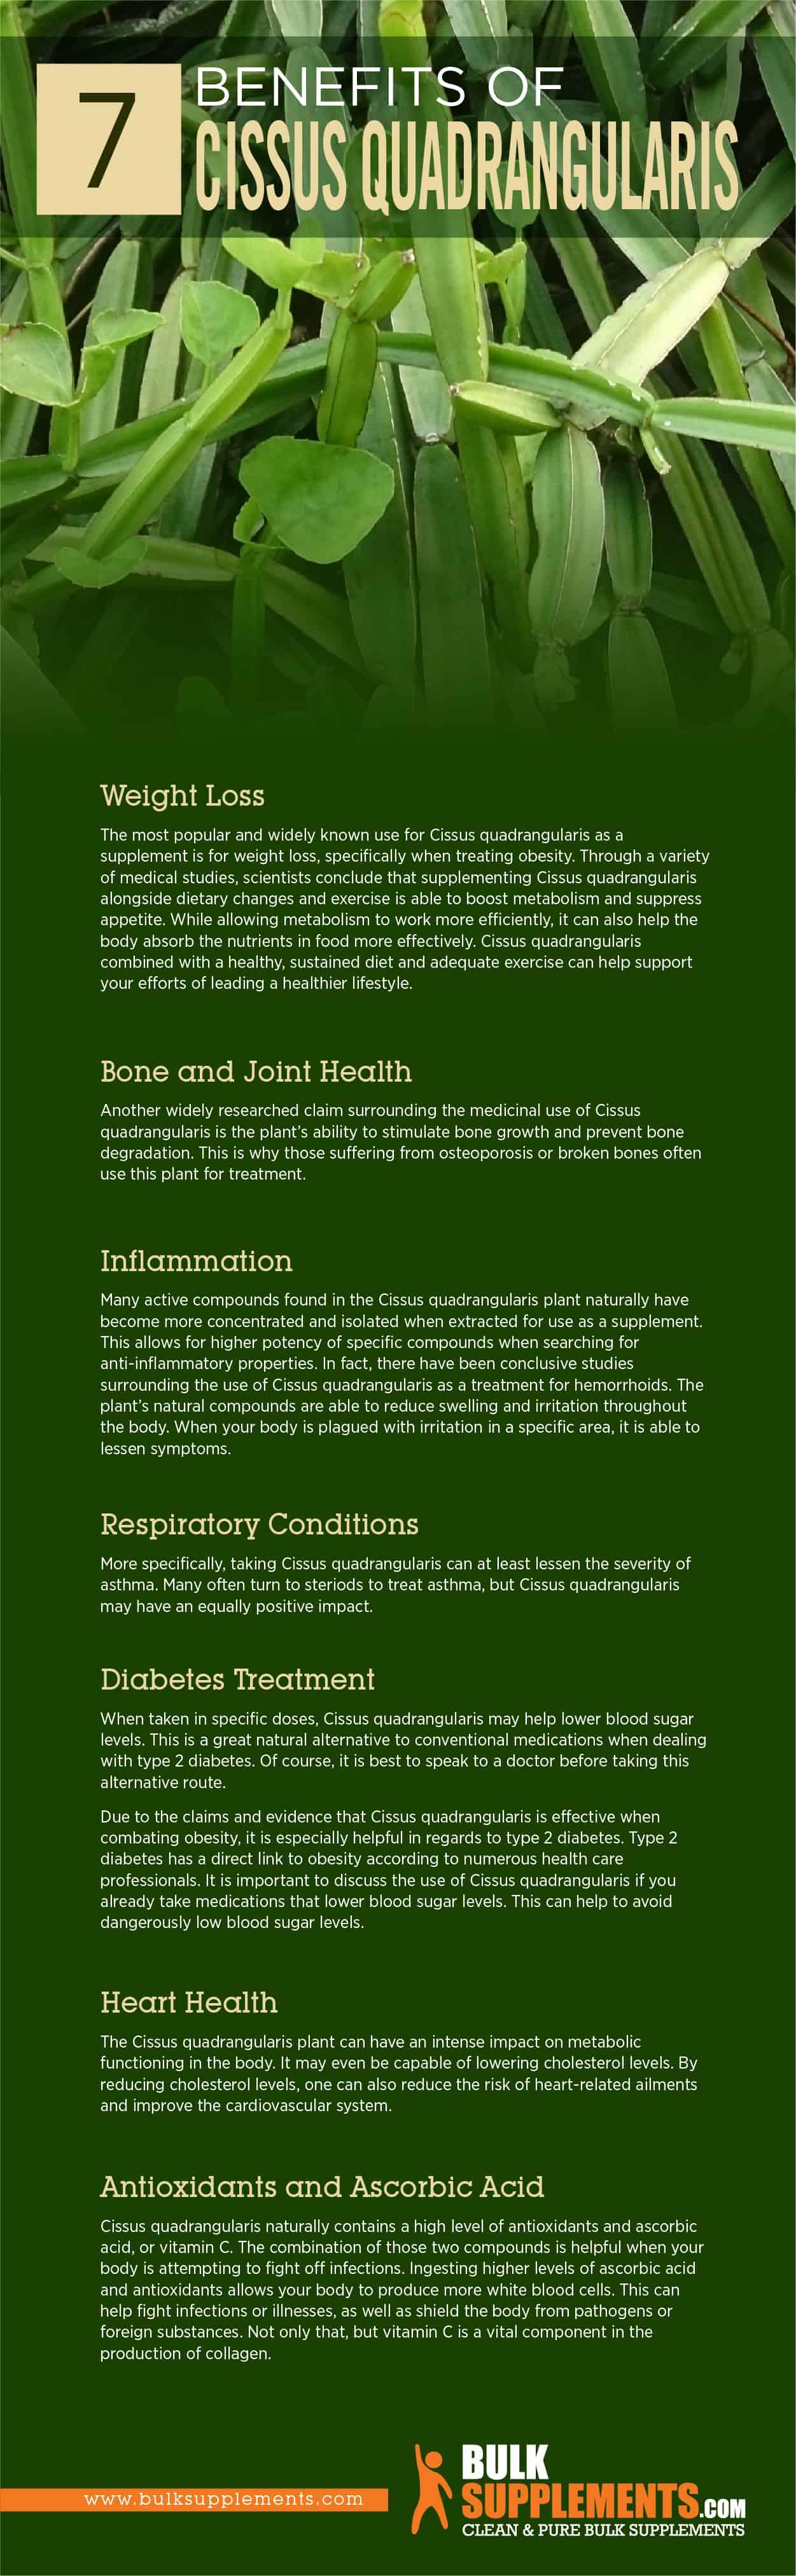 Cissus Quadrangularis Benefits